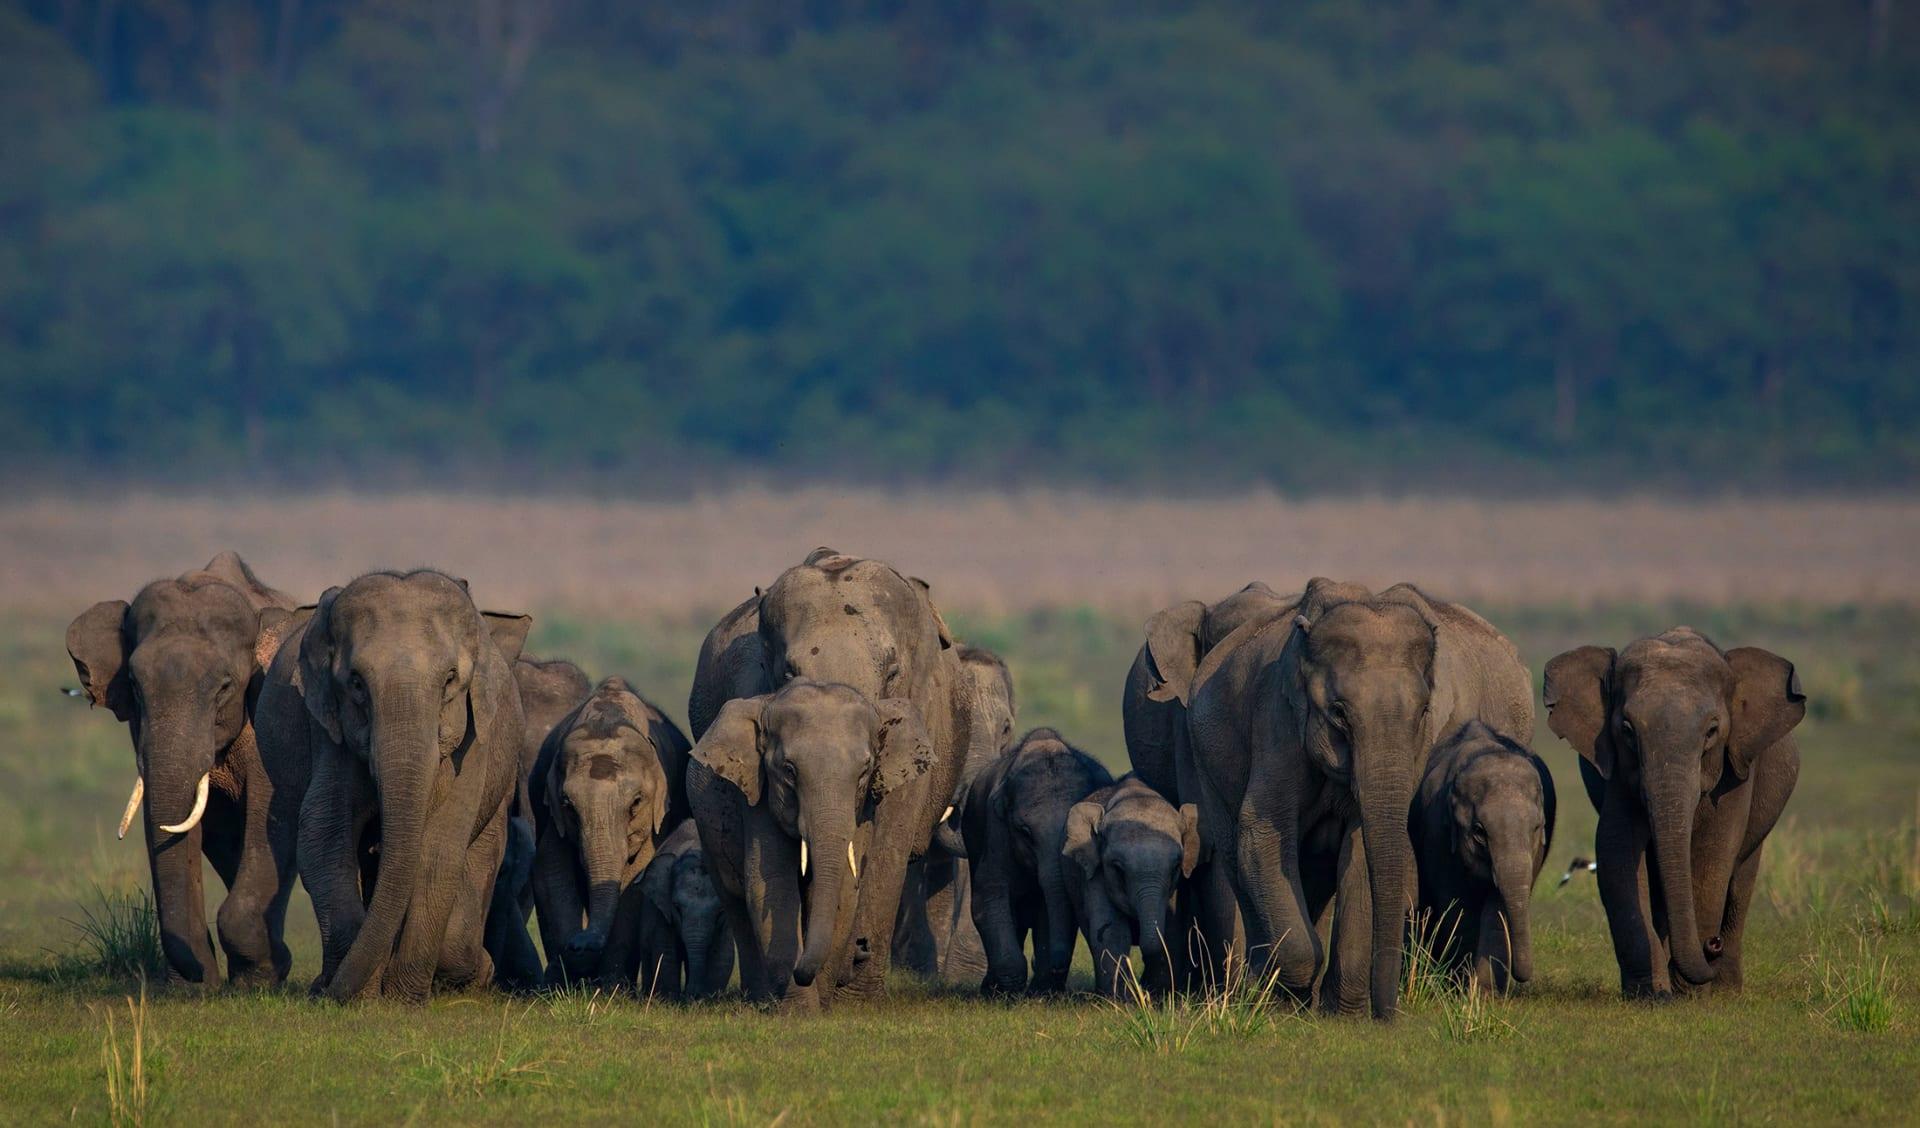 Elephants, Indien